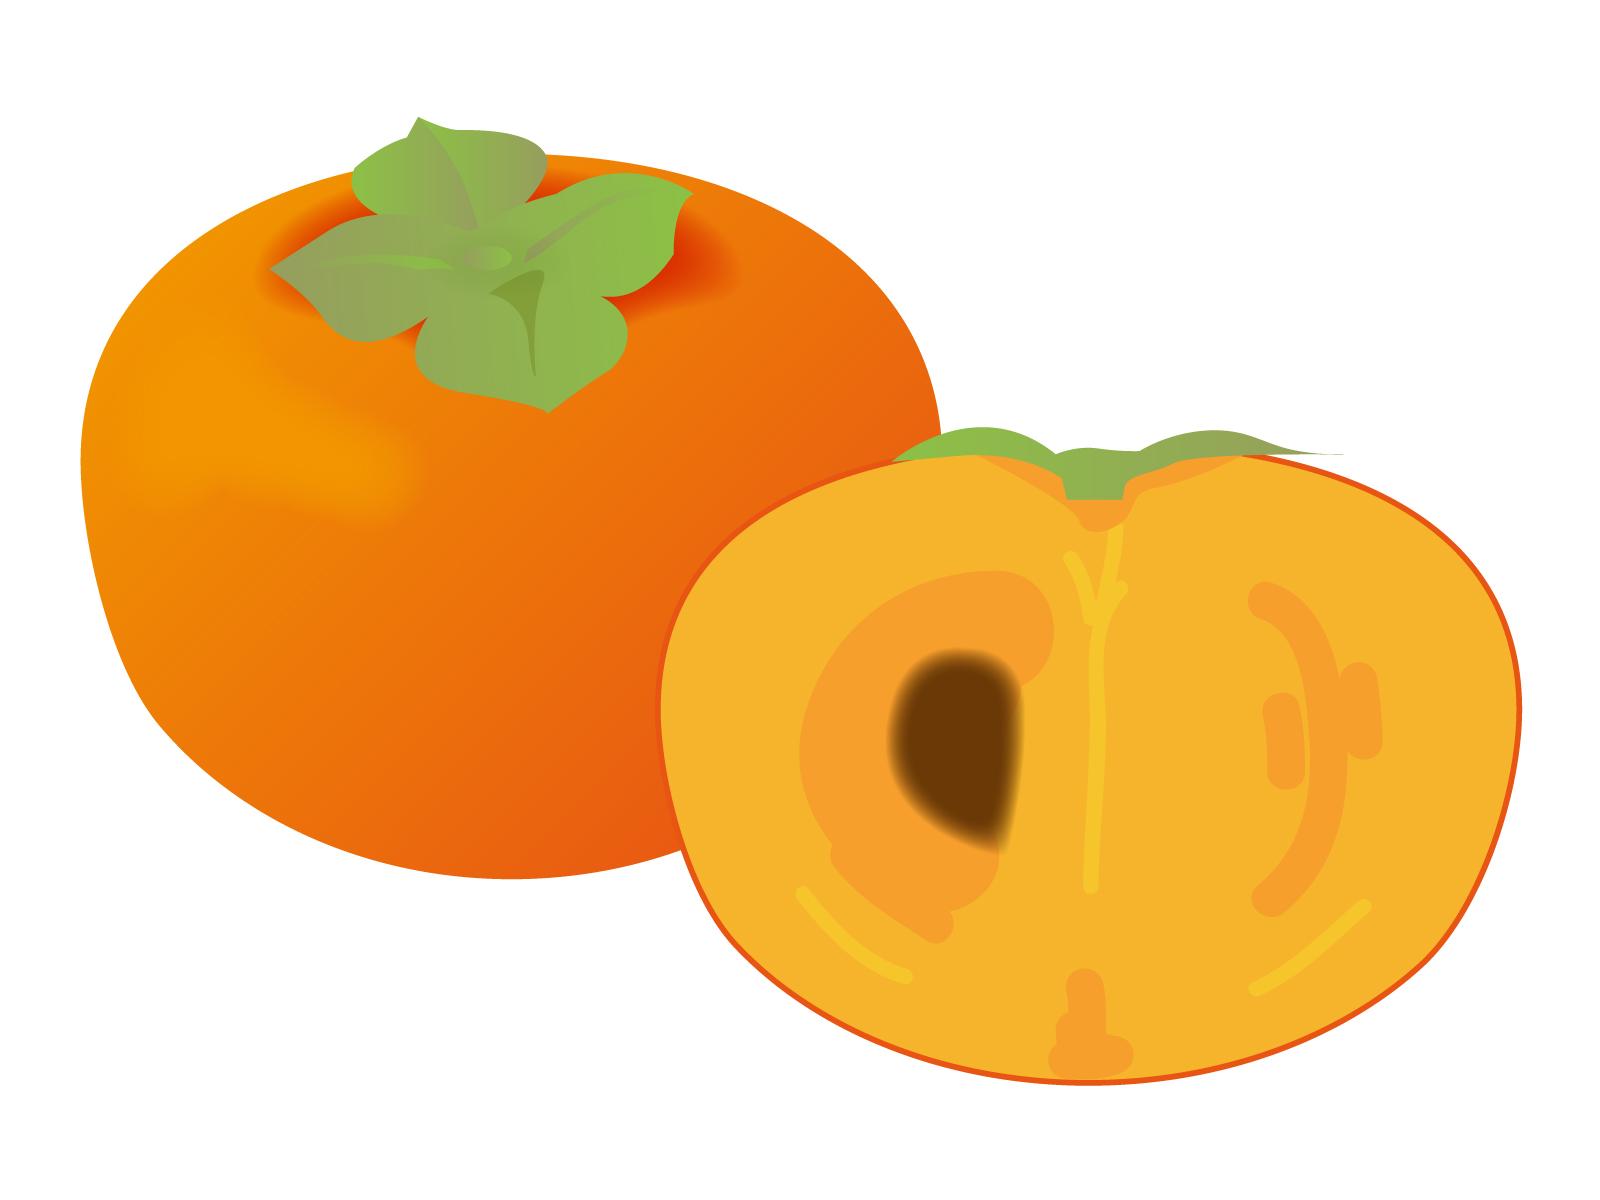 【悲報】柿とかいうフルーツ、なぜか不当に嫌われる